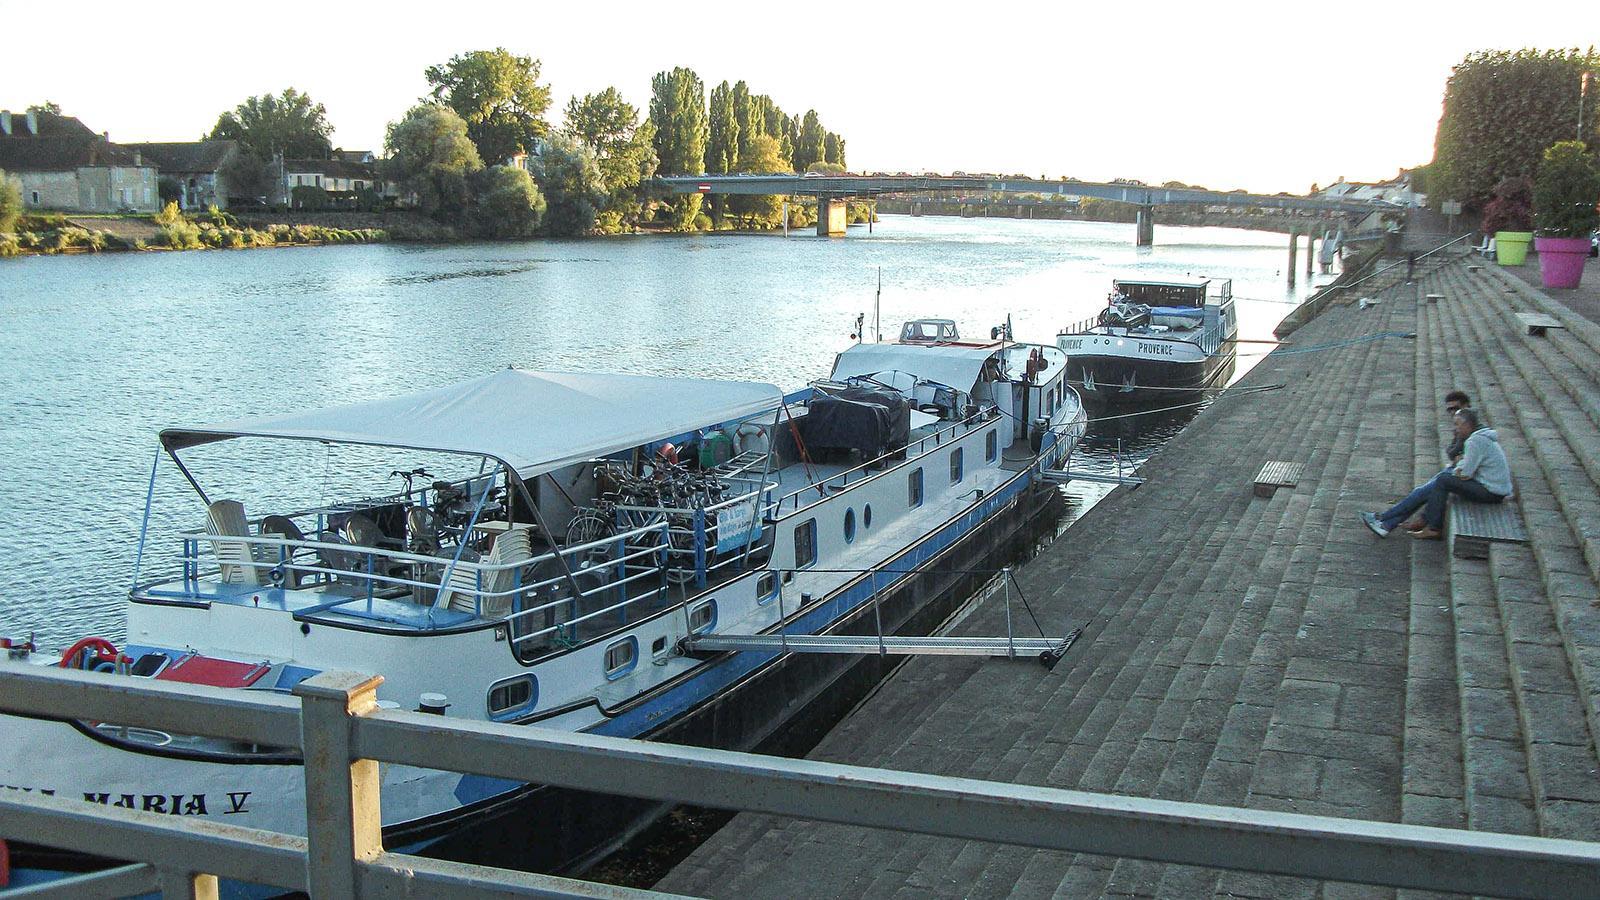 Chalon-sur Saône. Foto: Sven-Uwe Schulteis